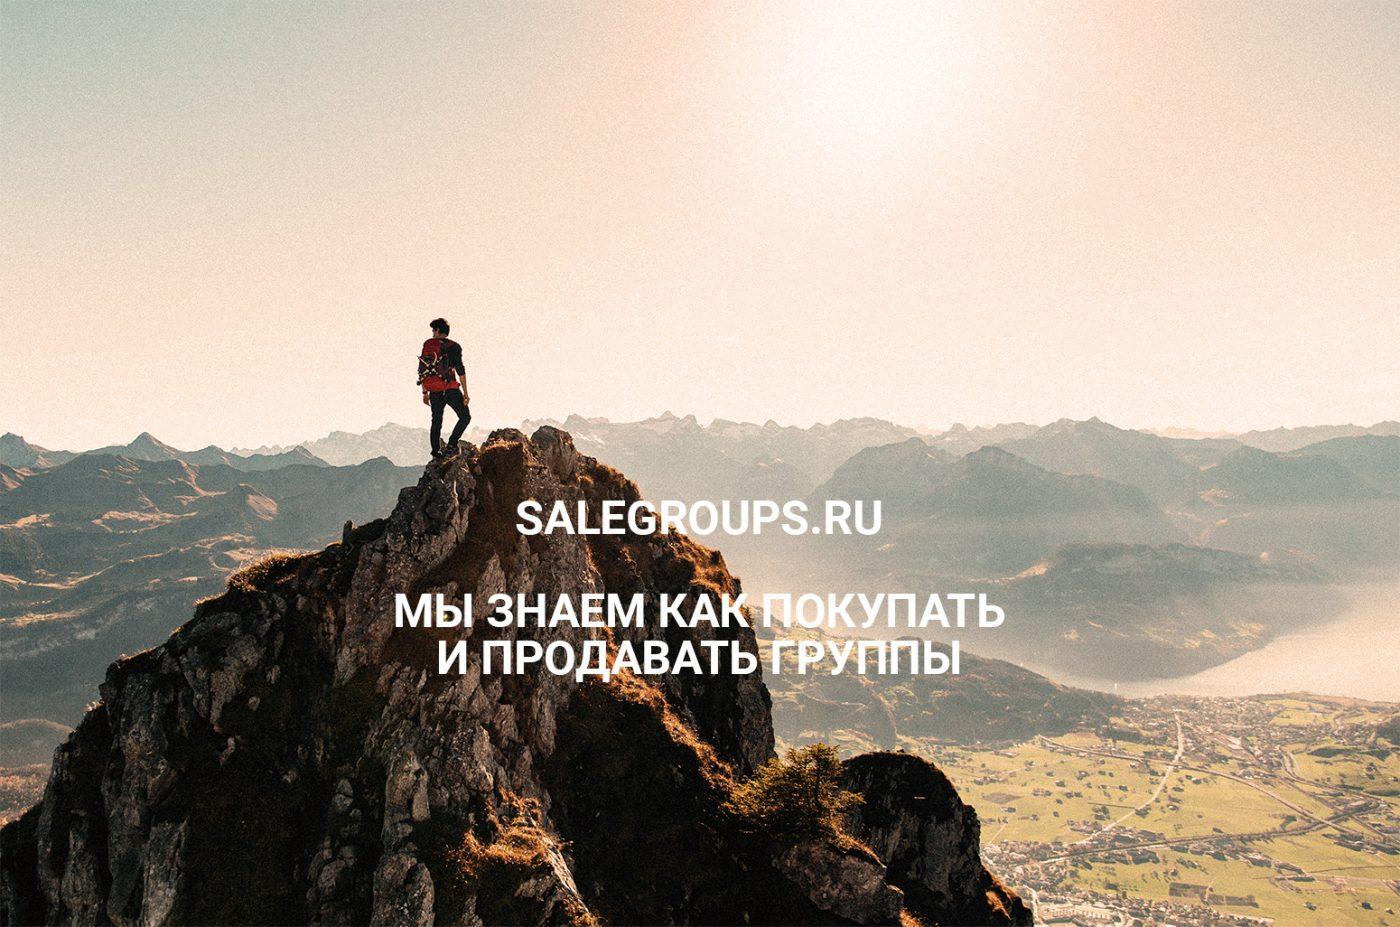 Salegroups.ru - Биржа групп в социальных сетях